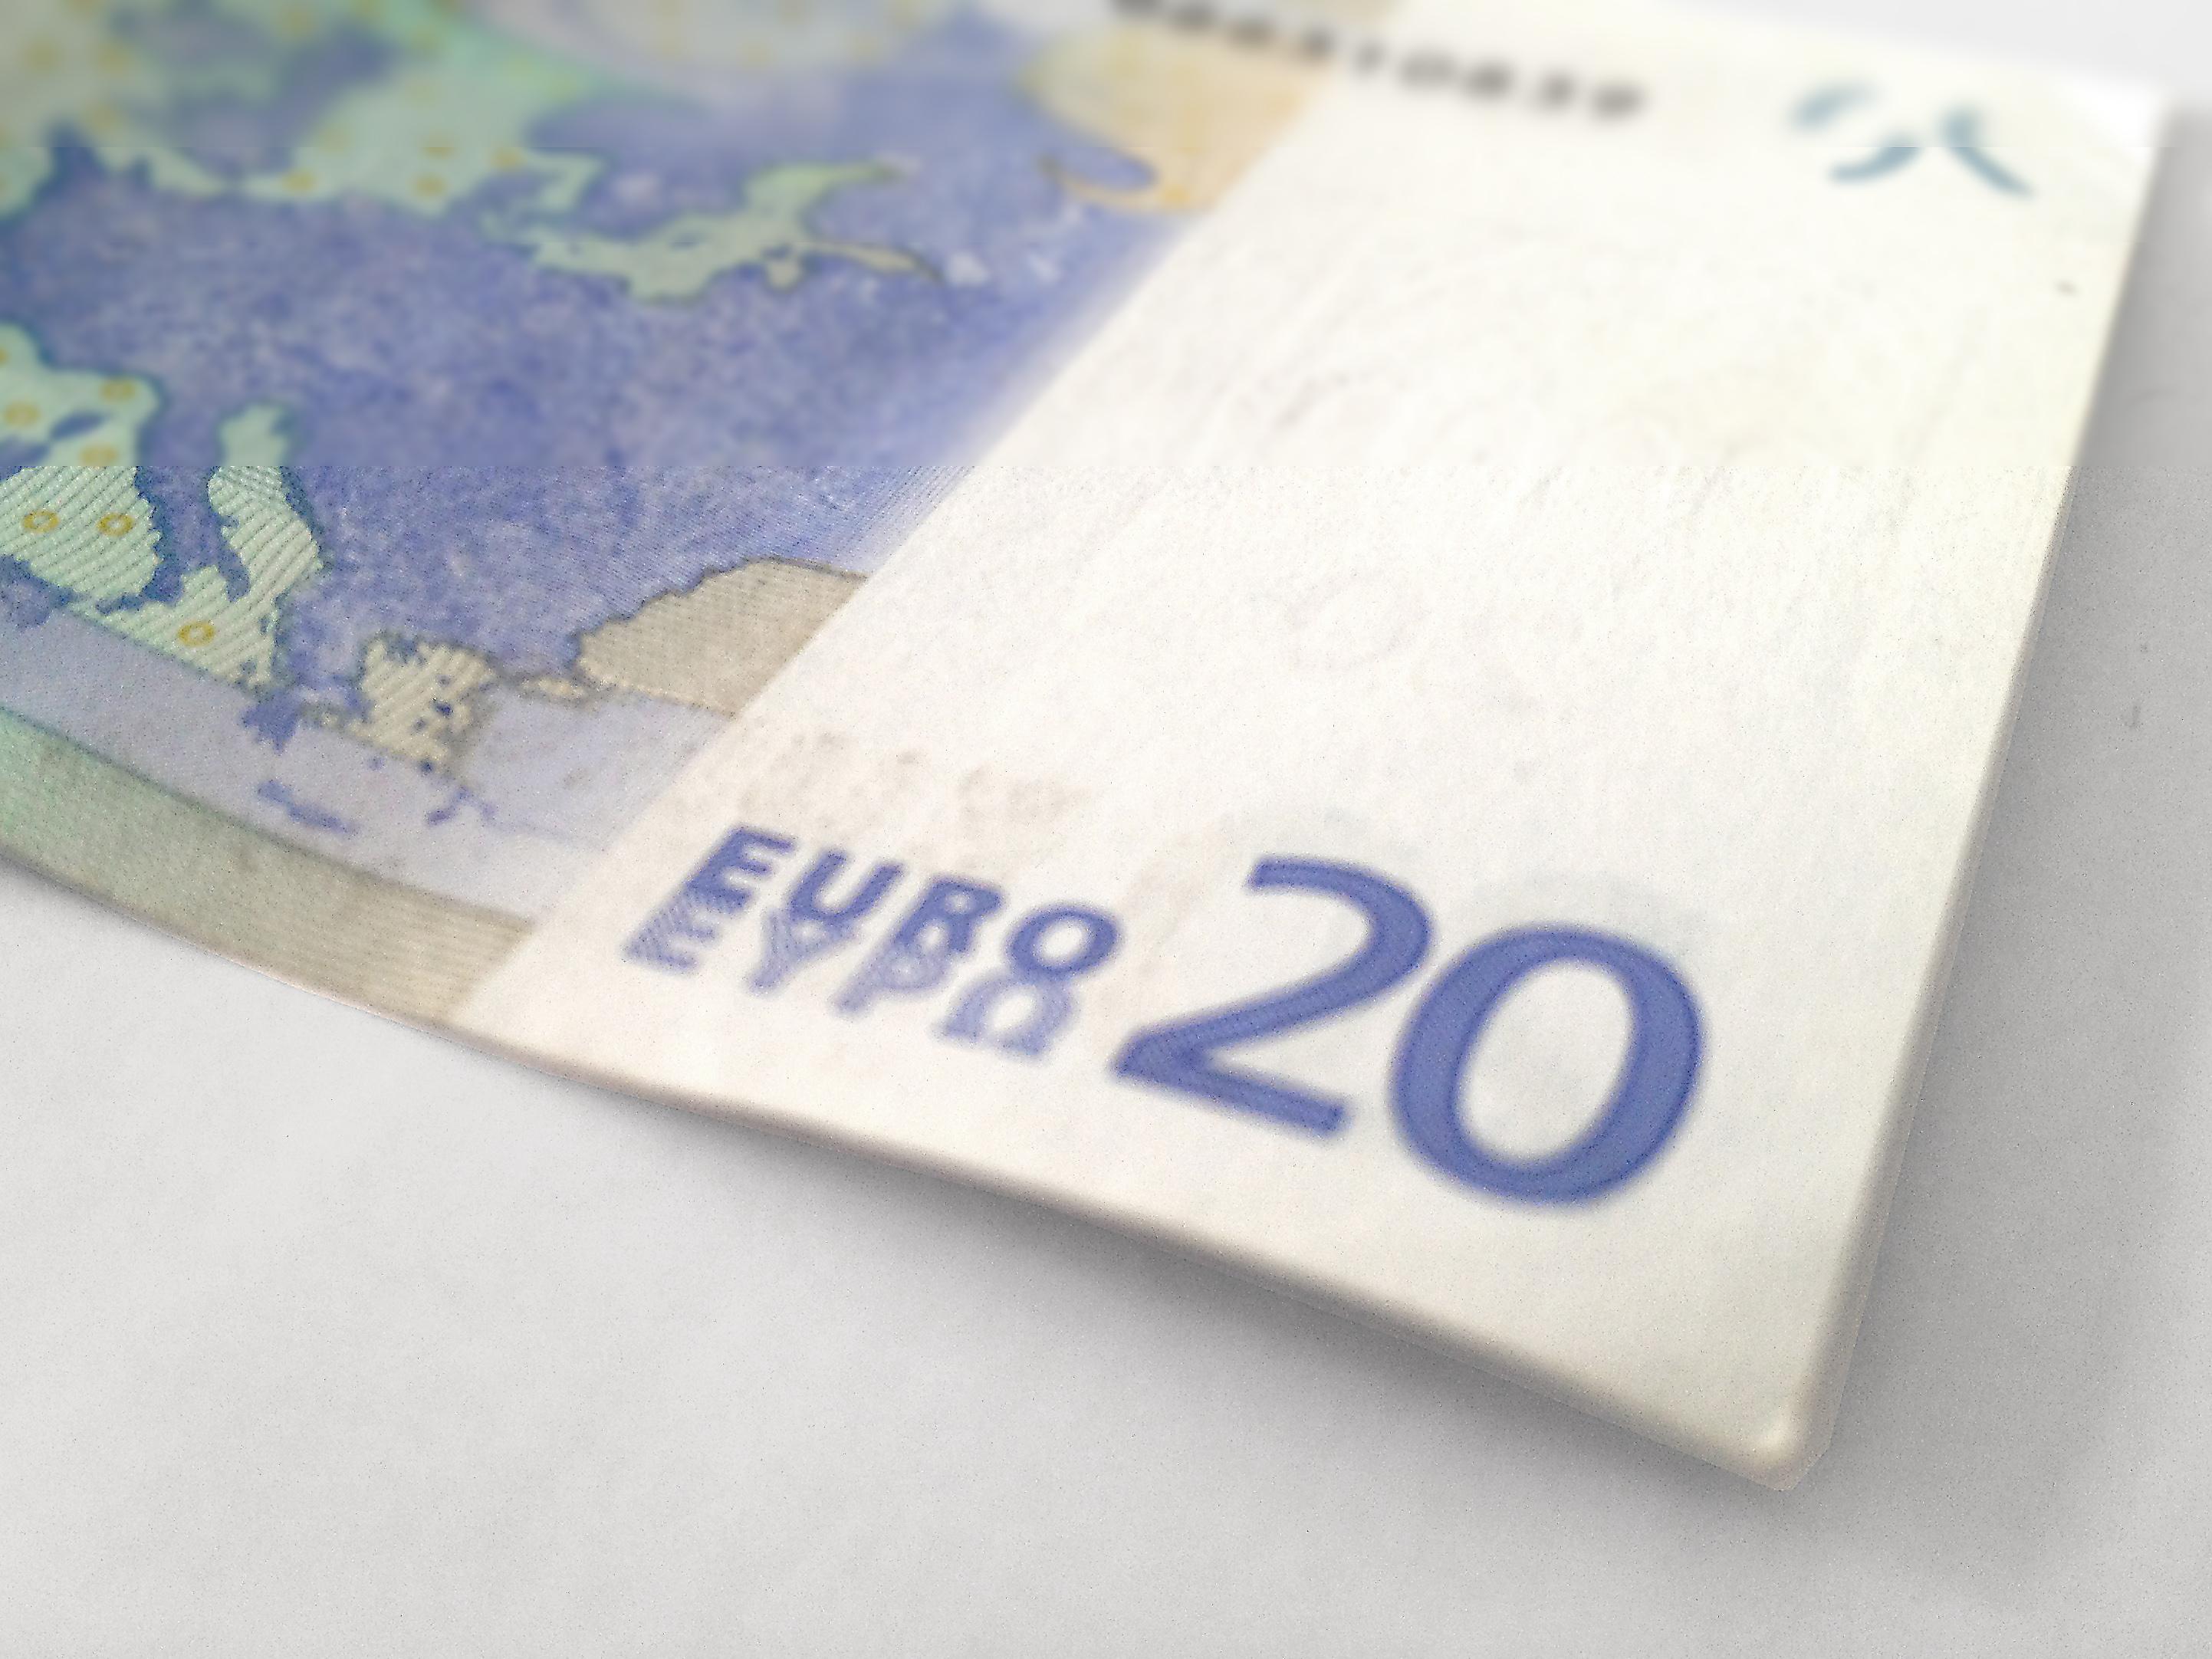 Griechische-Euro – Schuldenkrise Griechenland